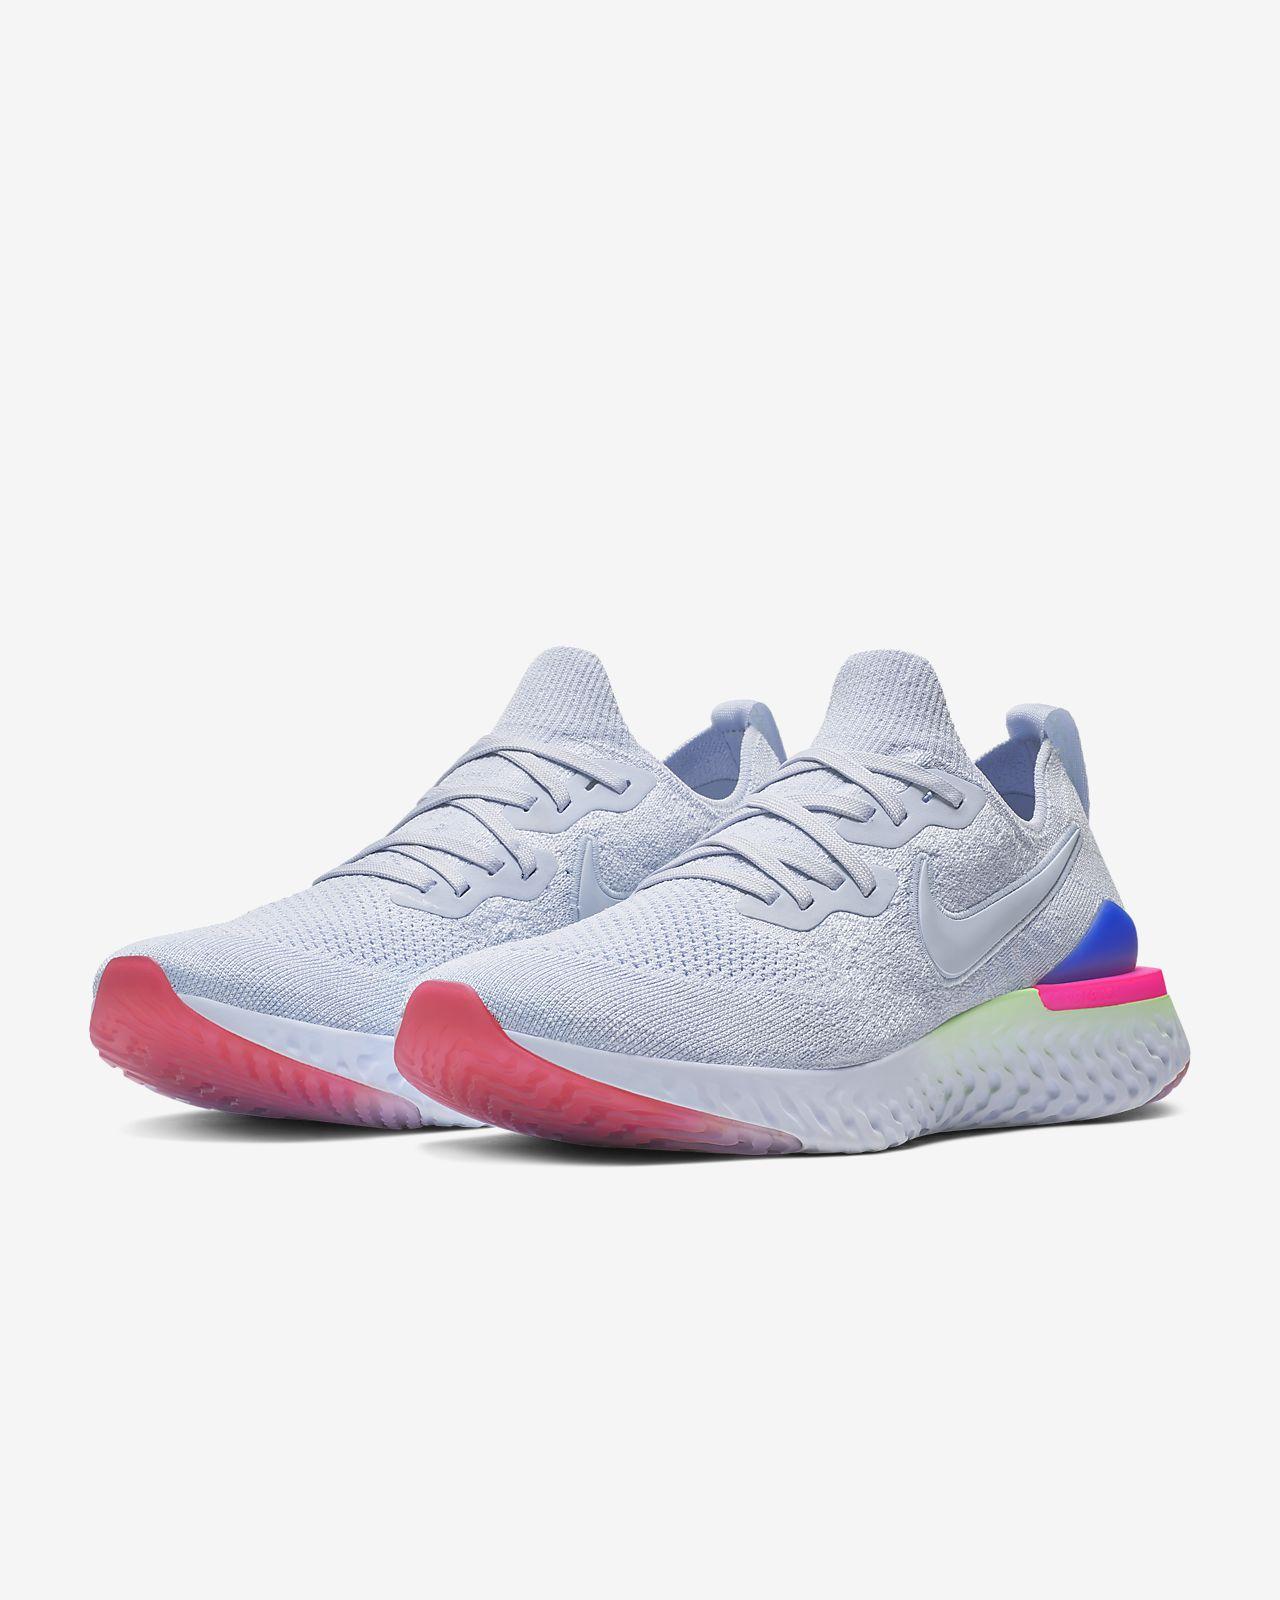 7fe872d7267a Nike Epic React Flyknit 2 Men s Running Shoe. Nike.com GB